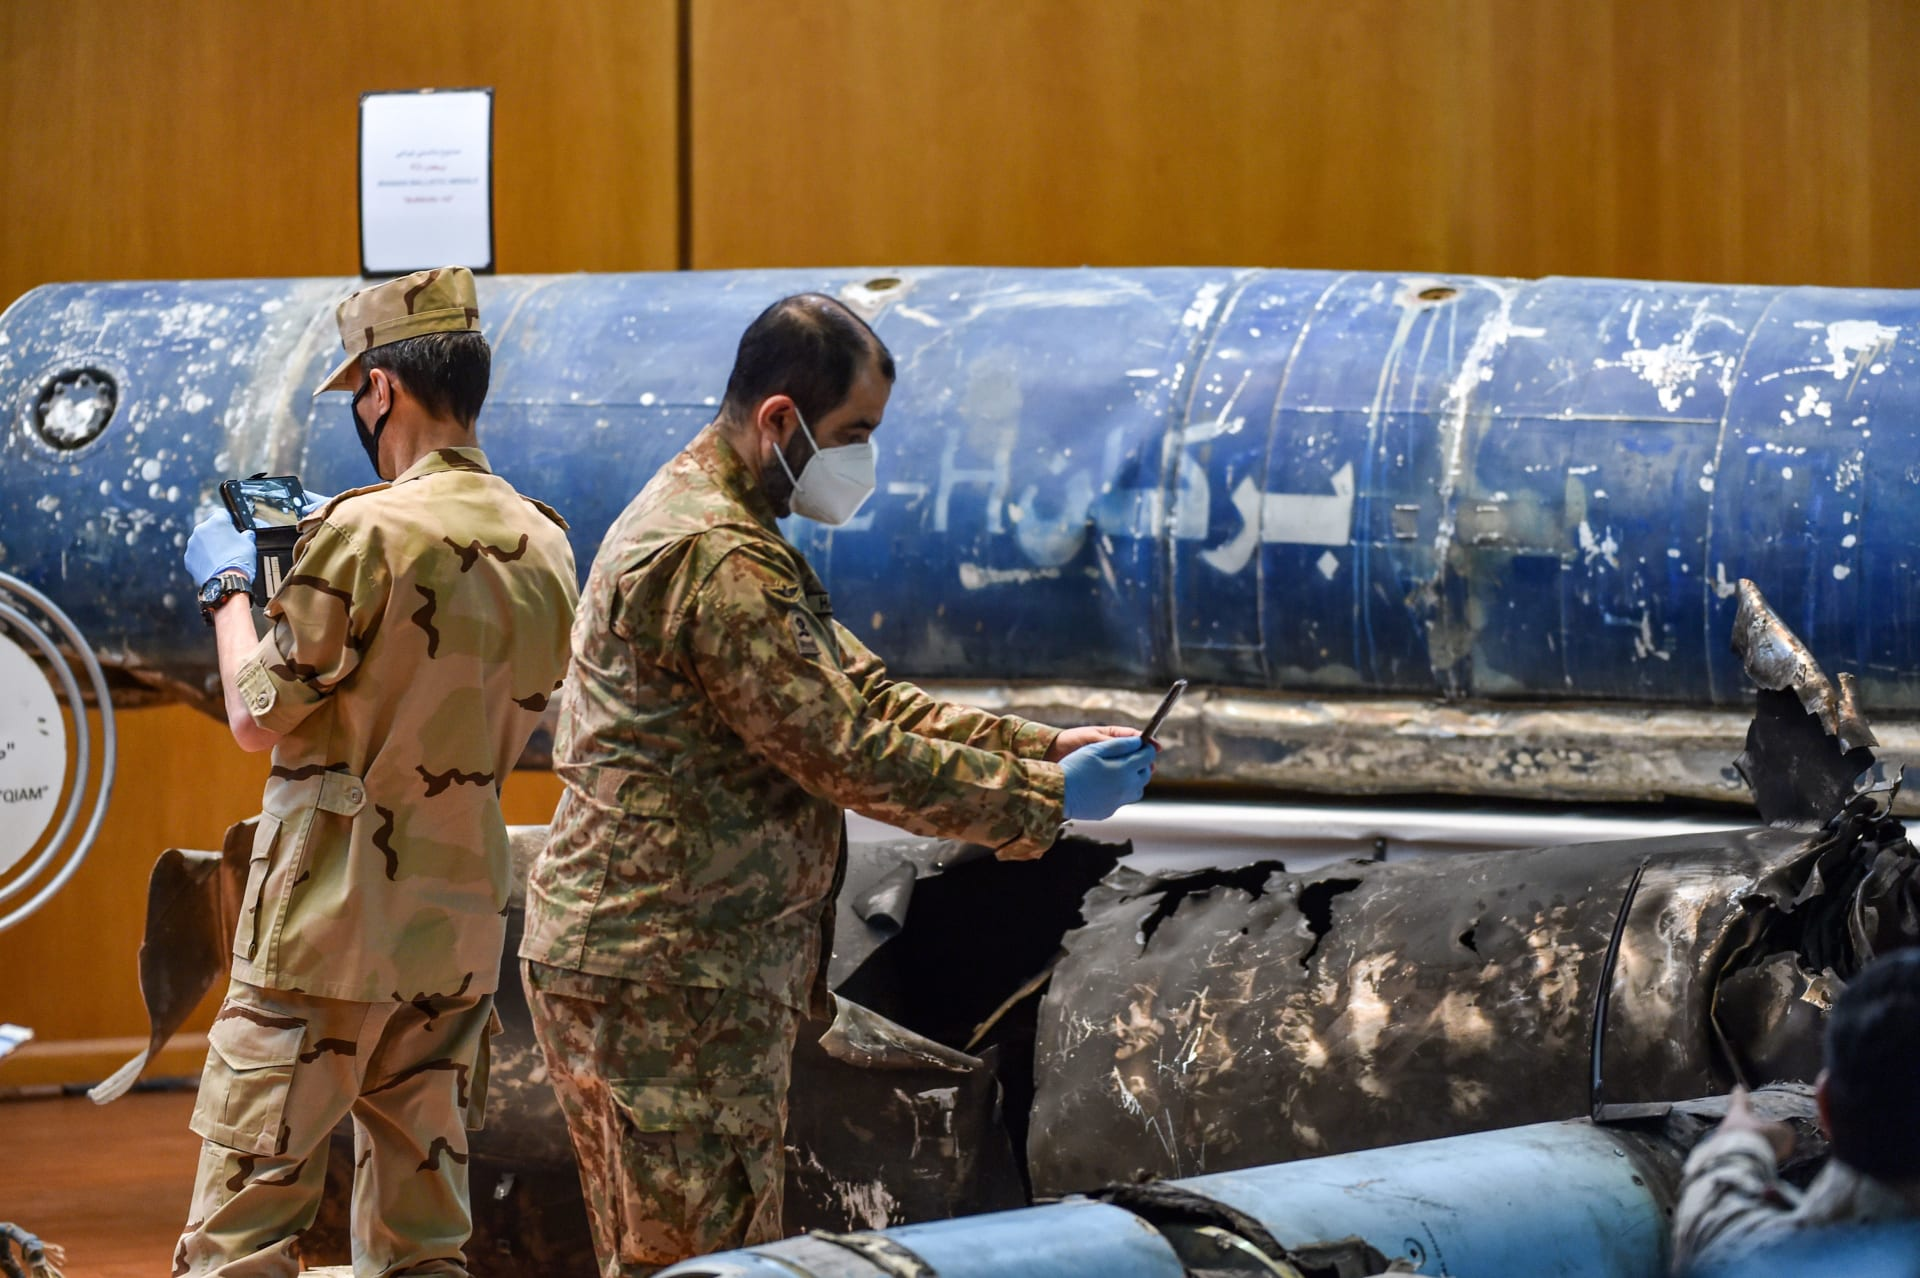 """السفارة الأمريكية في الرياض تحذر رعاياها من احتمال وقوع هجمات بصواريخ و""""درونز"""""""